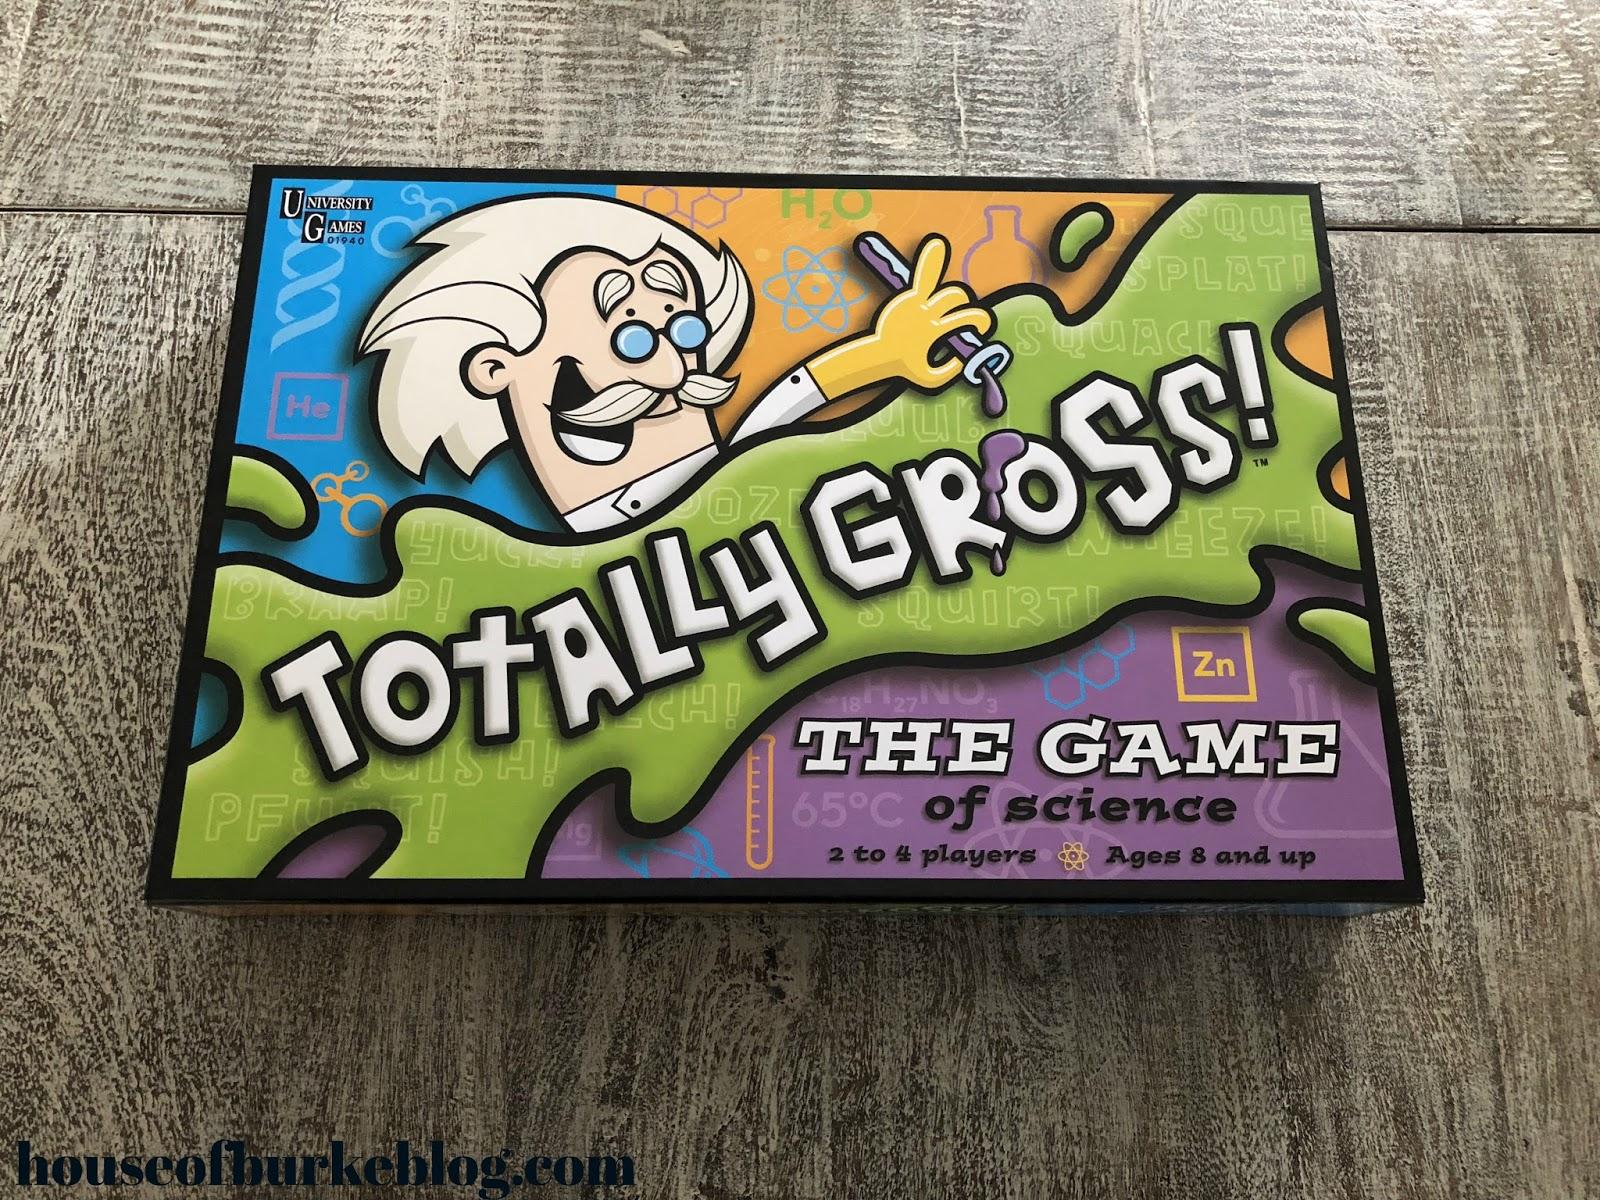 Totally Gross gameschool4